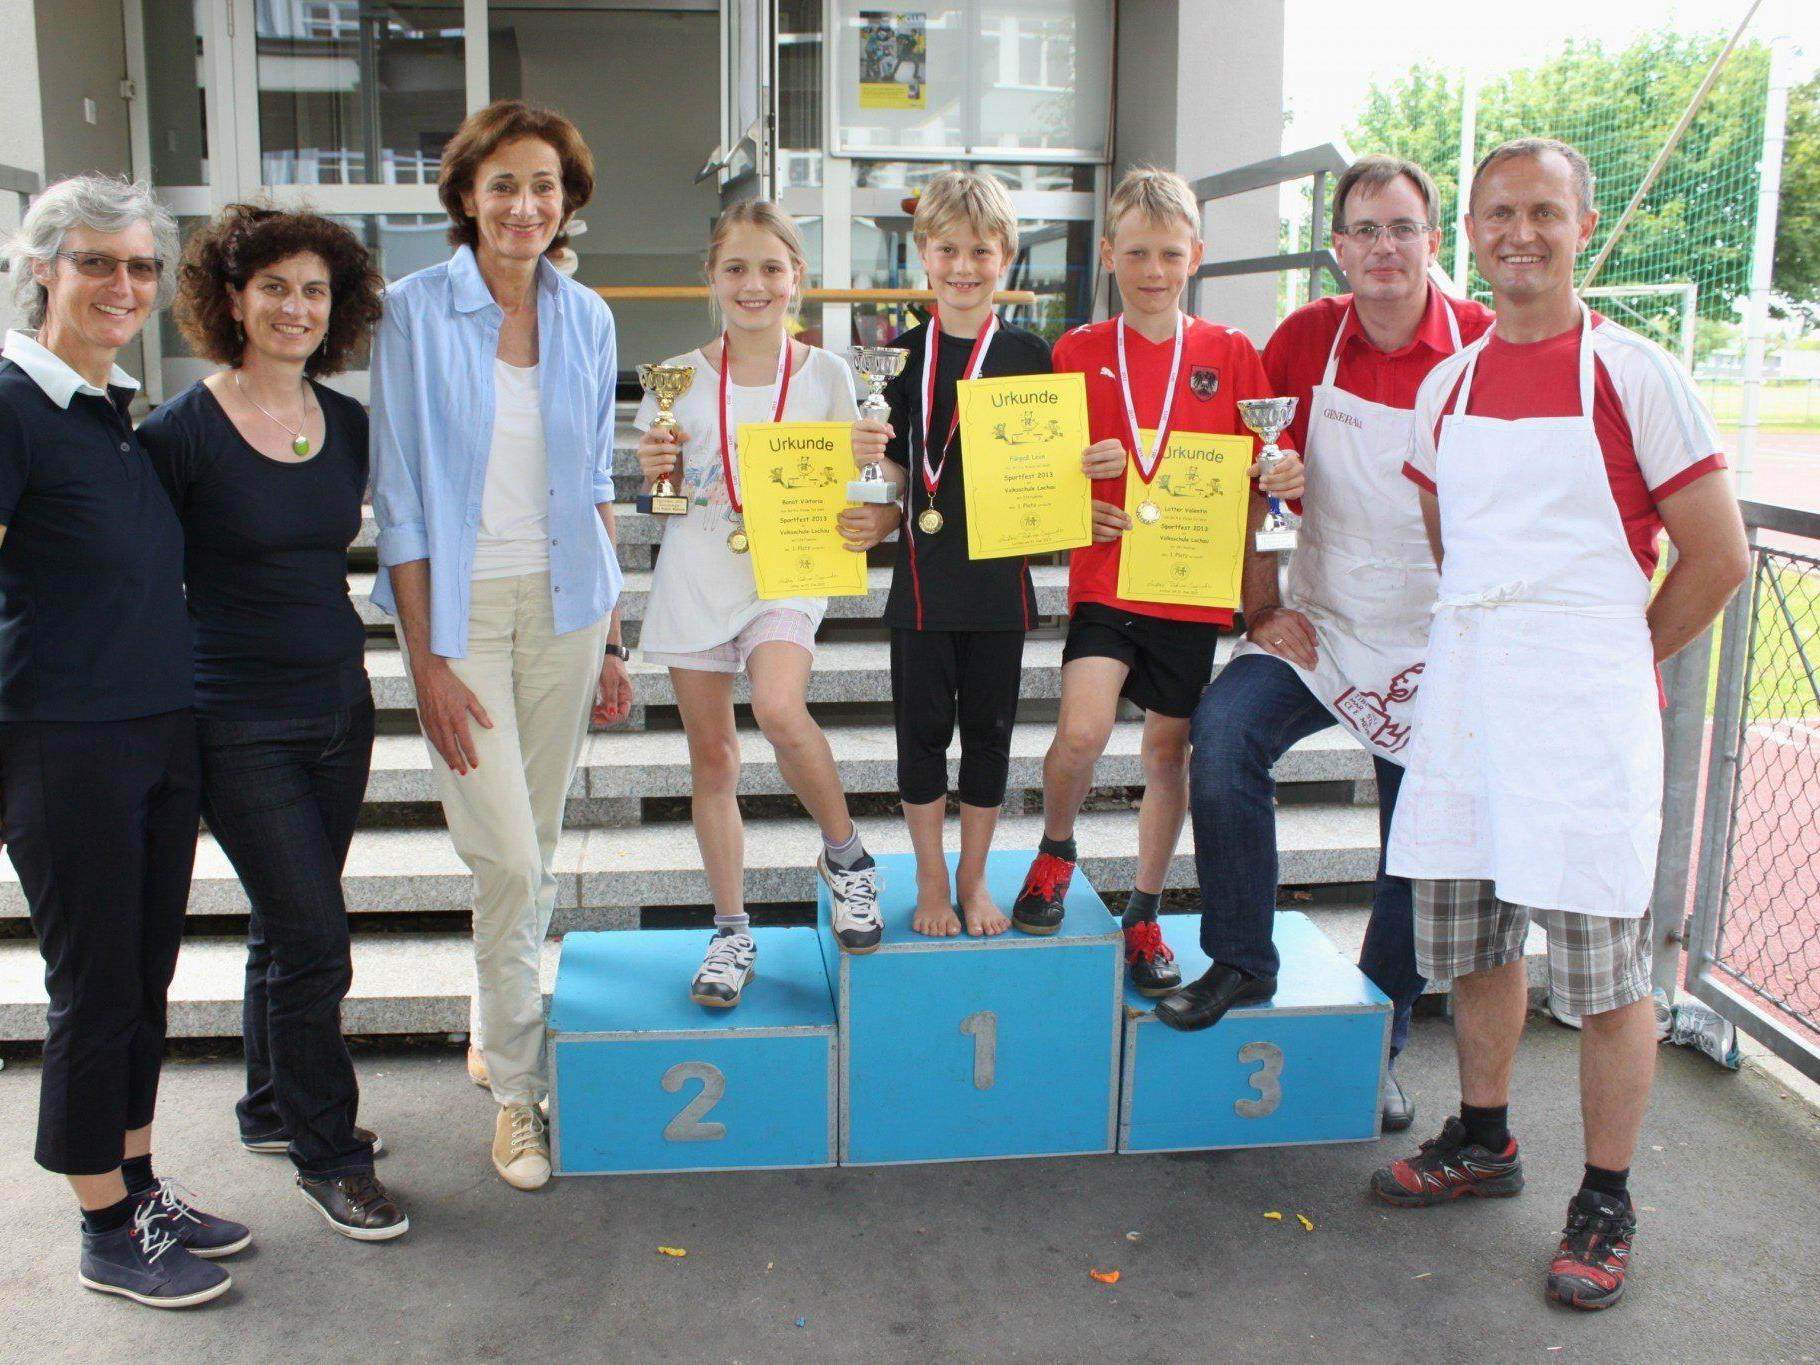 Die Schulsieger mit Dir. Andrea Rüdisser-Sagmeister, Andrea Renn (Organisation), Schullandesrätin Bernadette Mennel sowie Andreas Freis und Franz Rädler vom Elternverein.